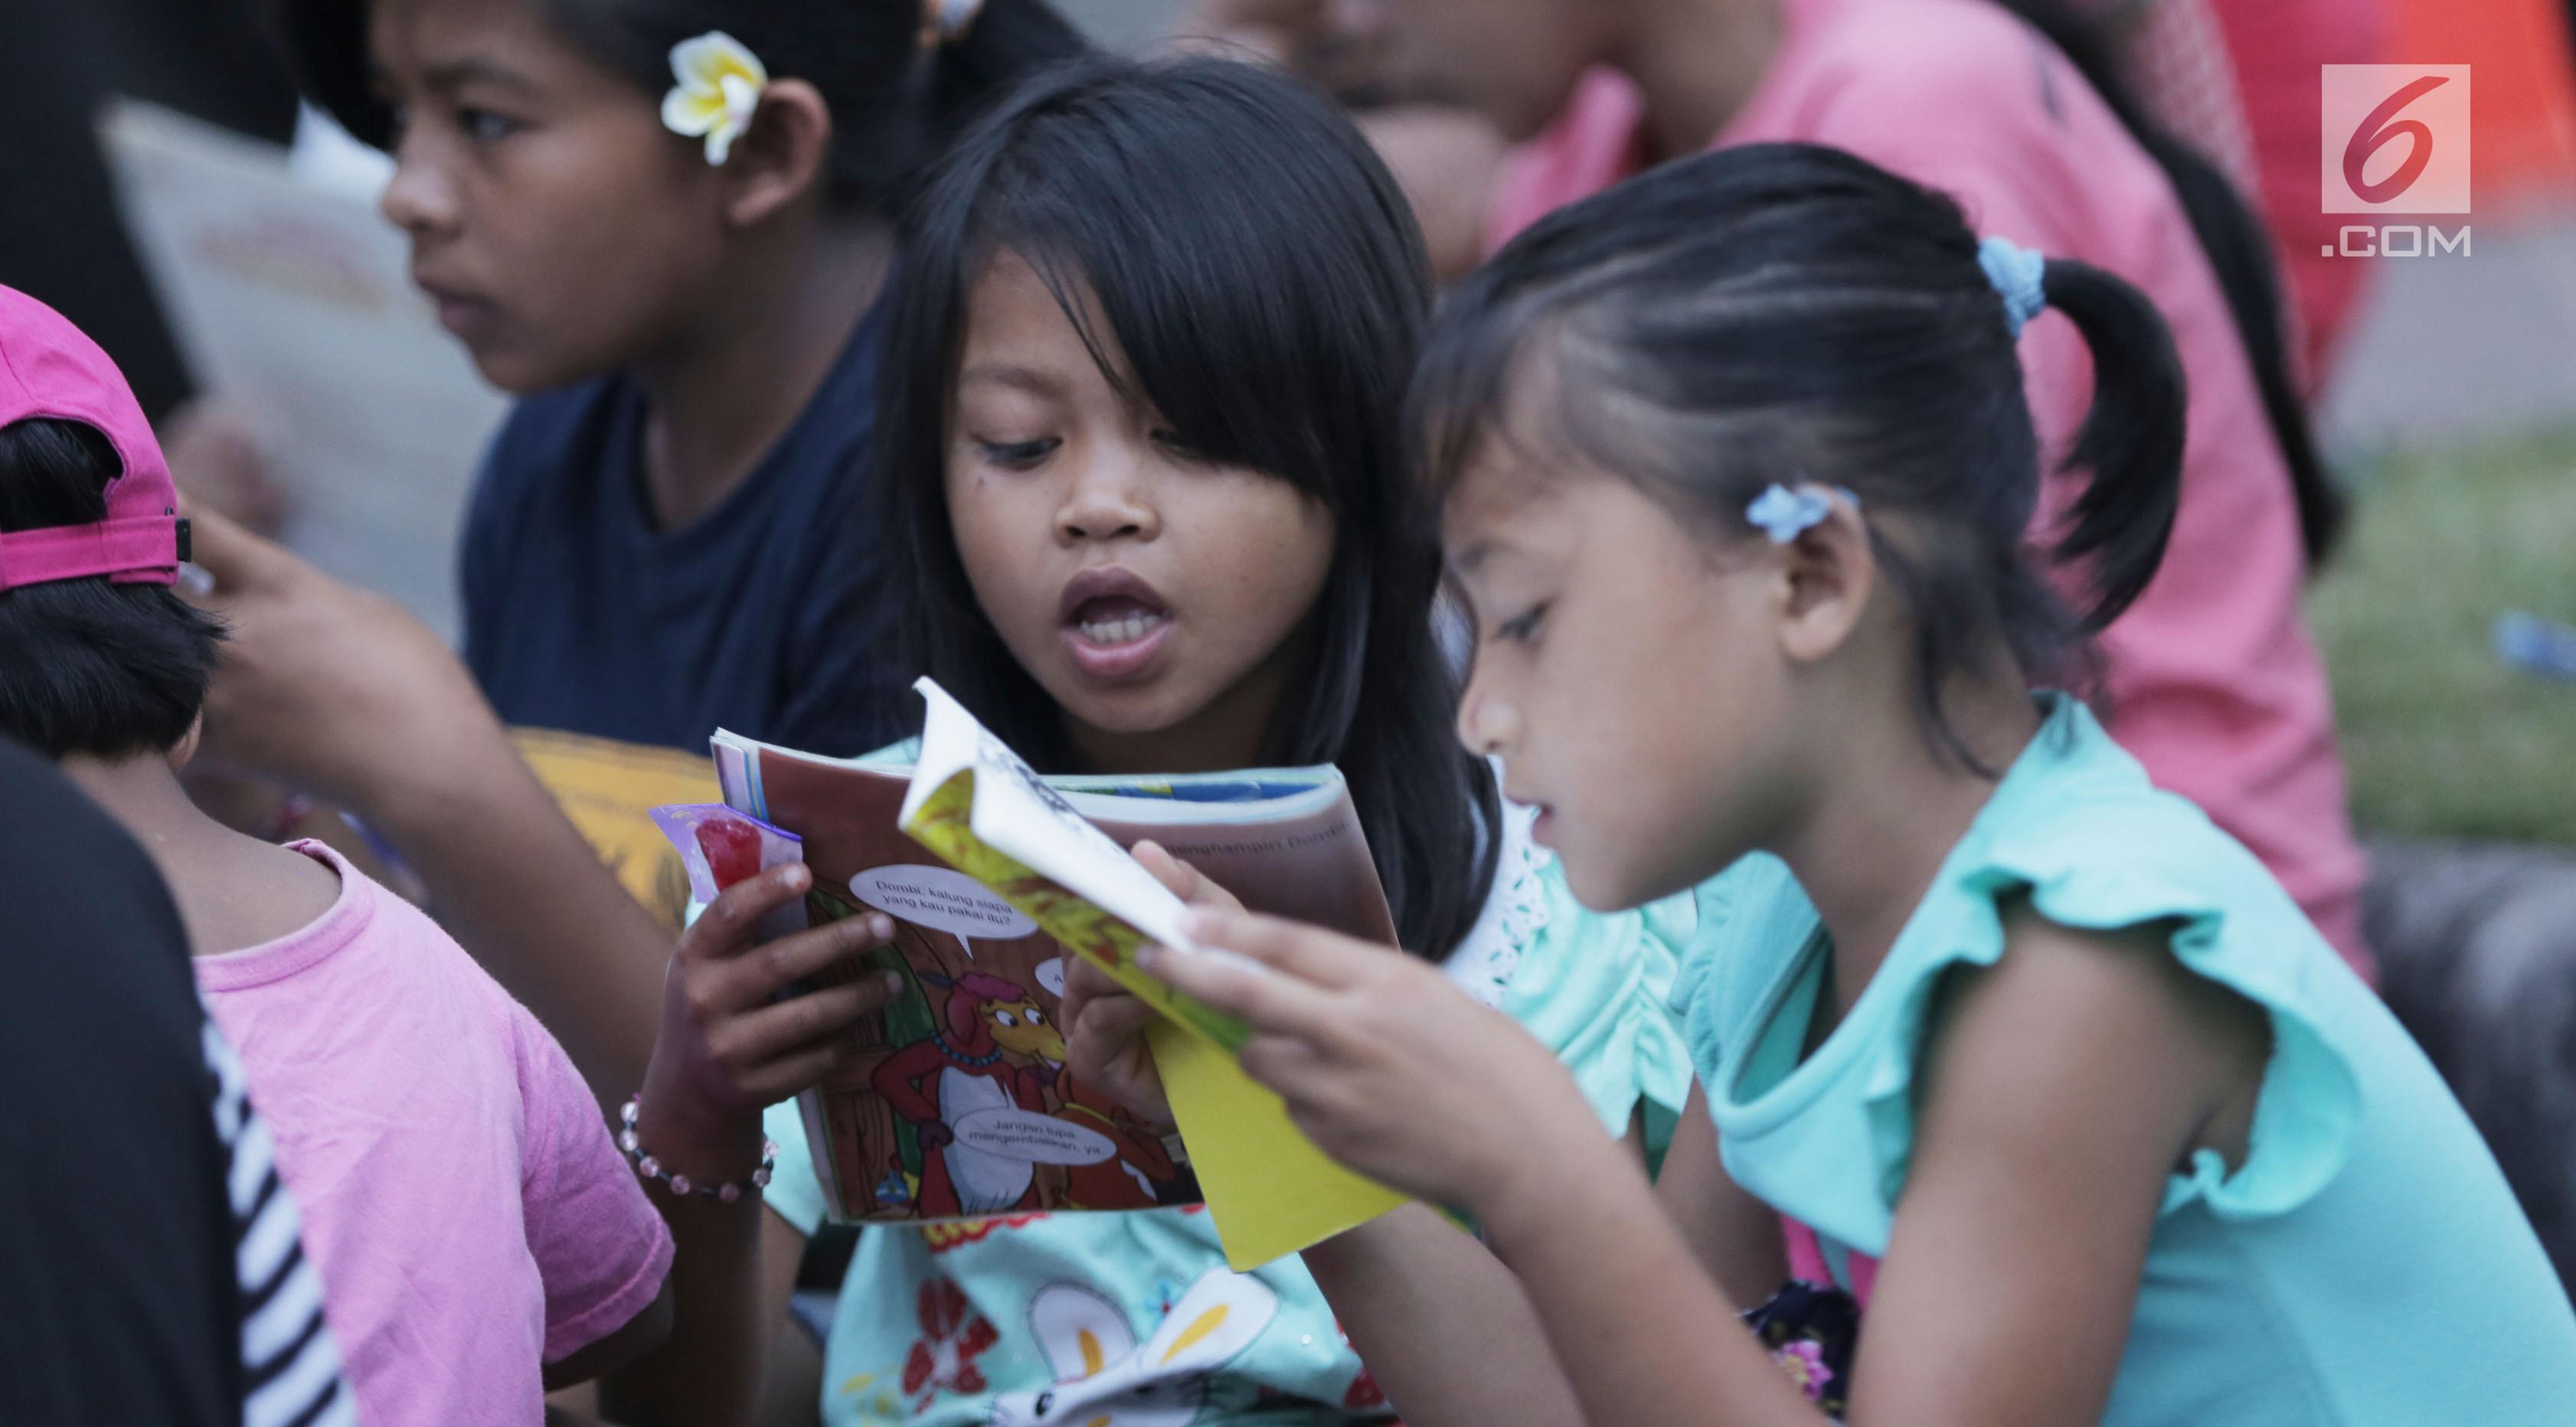 Sejumlah anak membaca buku di mobil Perpustakaan Keliling Dinas Perpustakaan dan Arsip Daerah Kabupaten Klungkung di lokasi pengungsian korban evakuasi Gunung Agung, Klungkung, Bali, Sabtu (30/09). (Liputan6.com/Gempur M Surya)